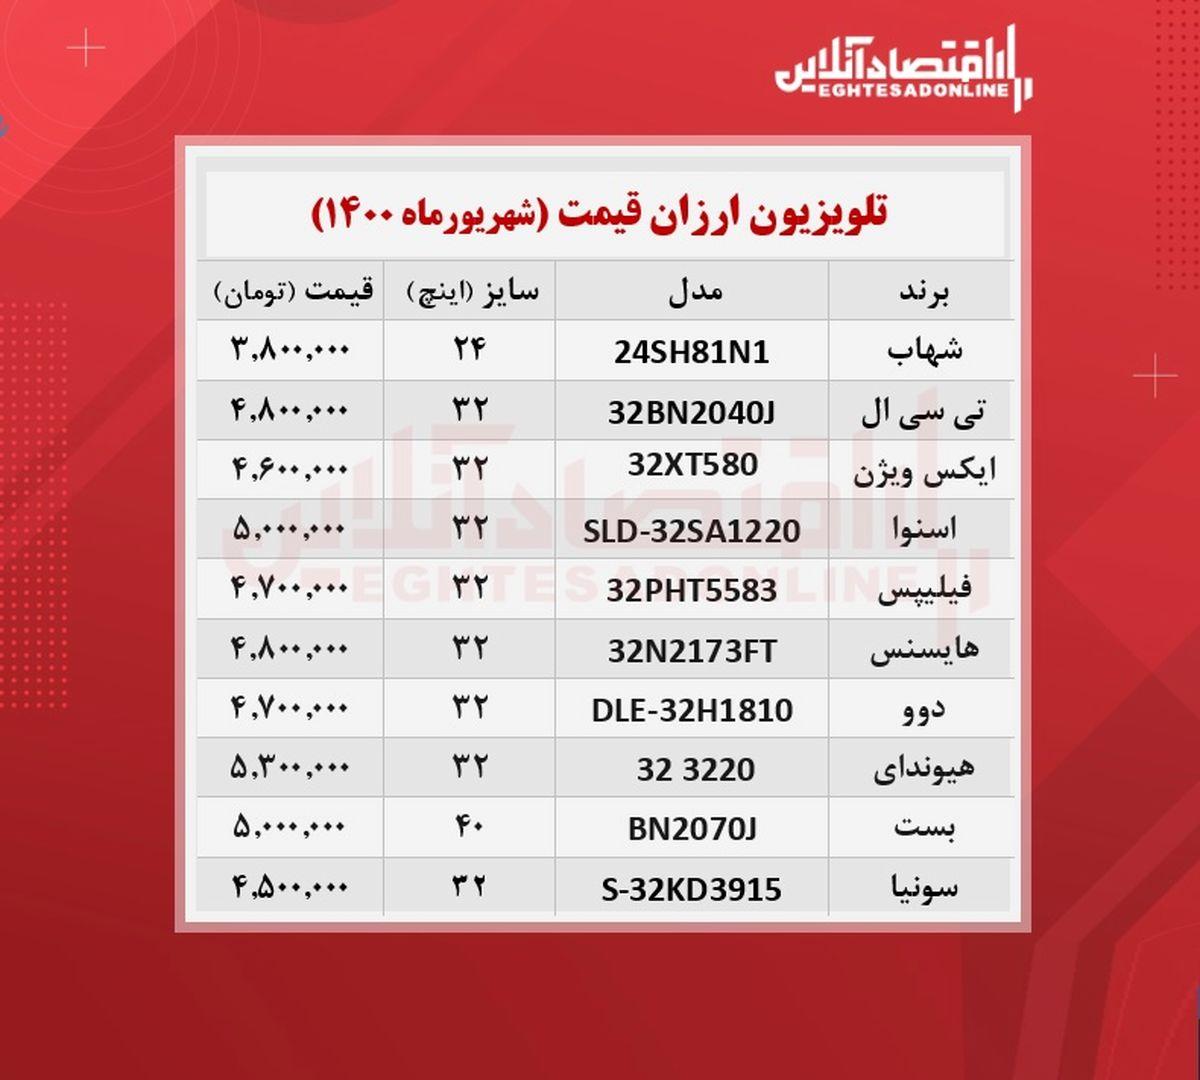 ارزان ترین تلویزیون های بازار چند؟ / ۶شهریورماه